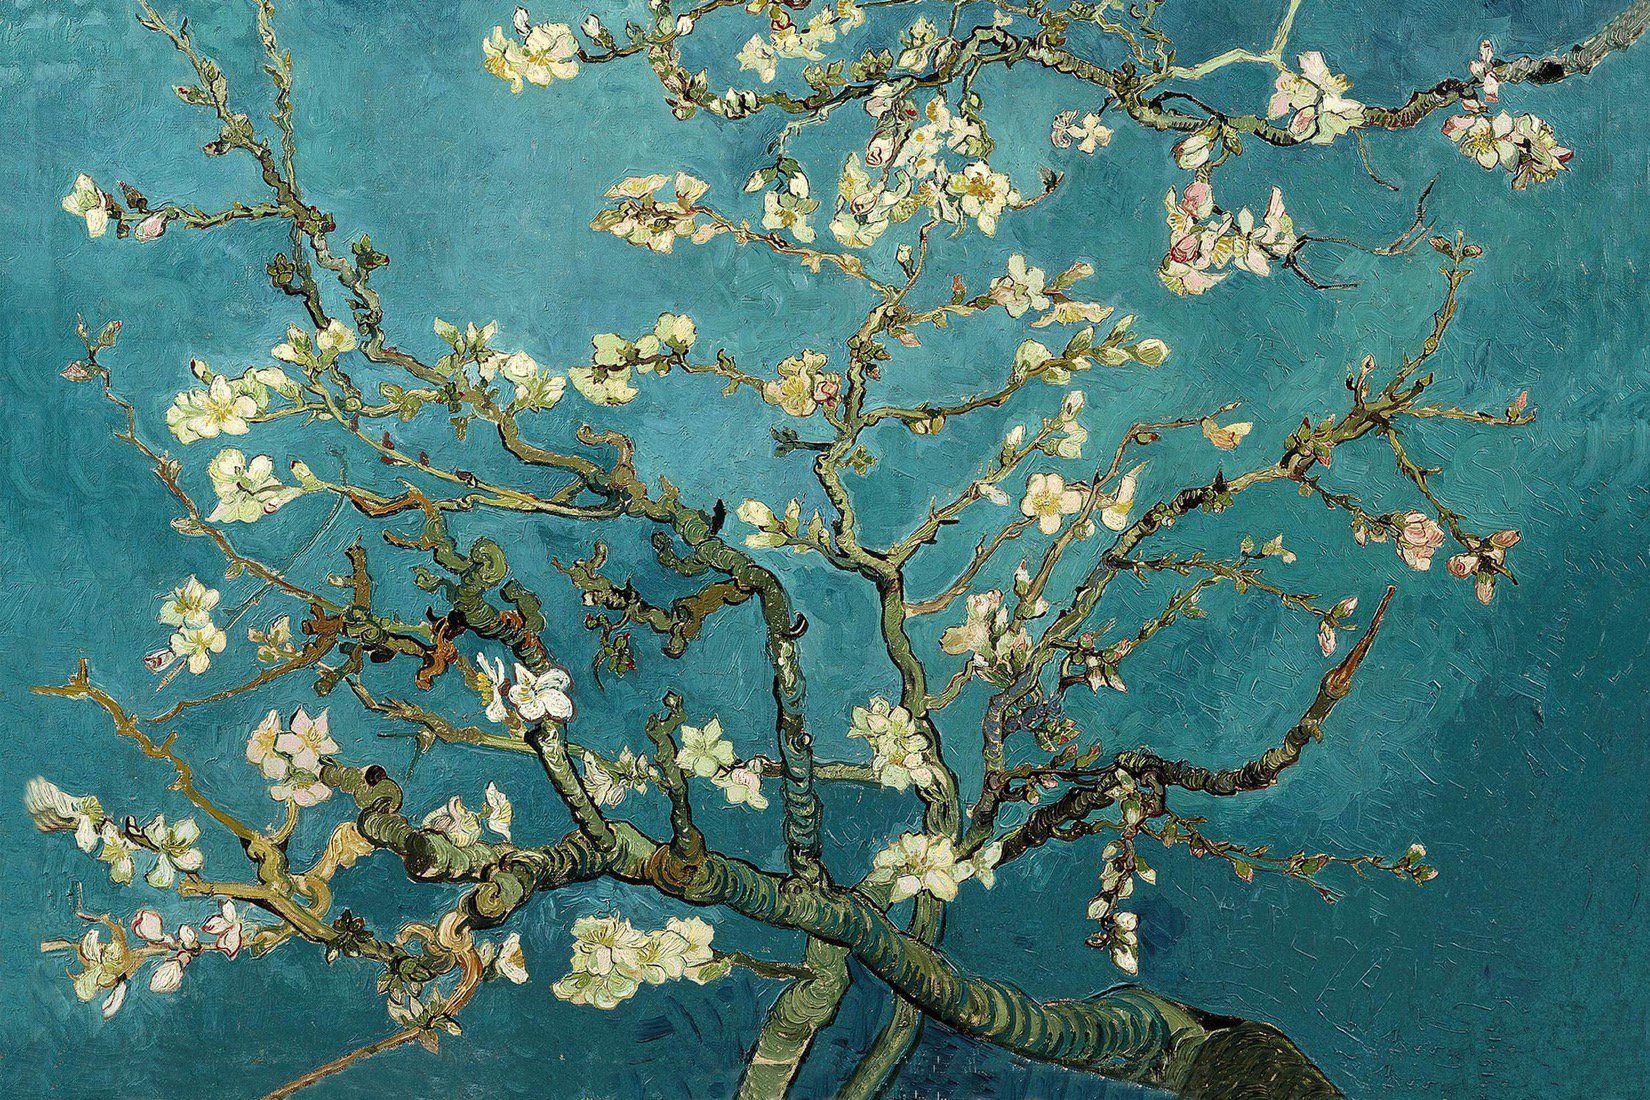 Van Gogh Almond Blossom Wallpaper Mural Hovia Van Gogh Wallpaper Van Gogh Almond Blossom Canvas Art